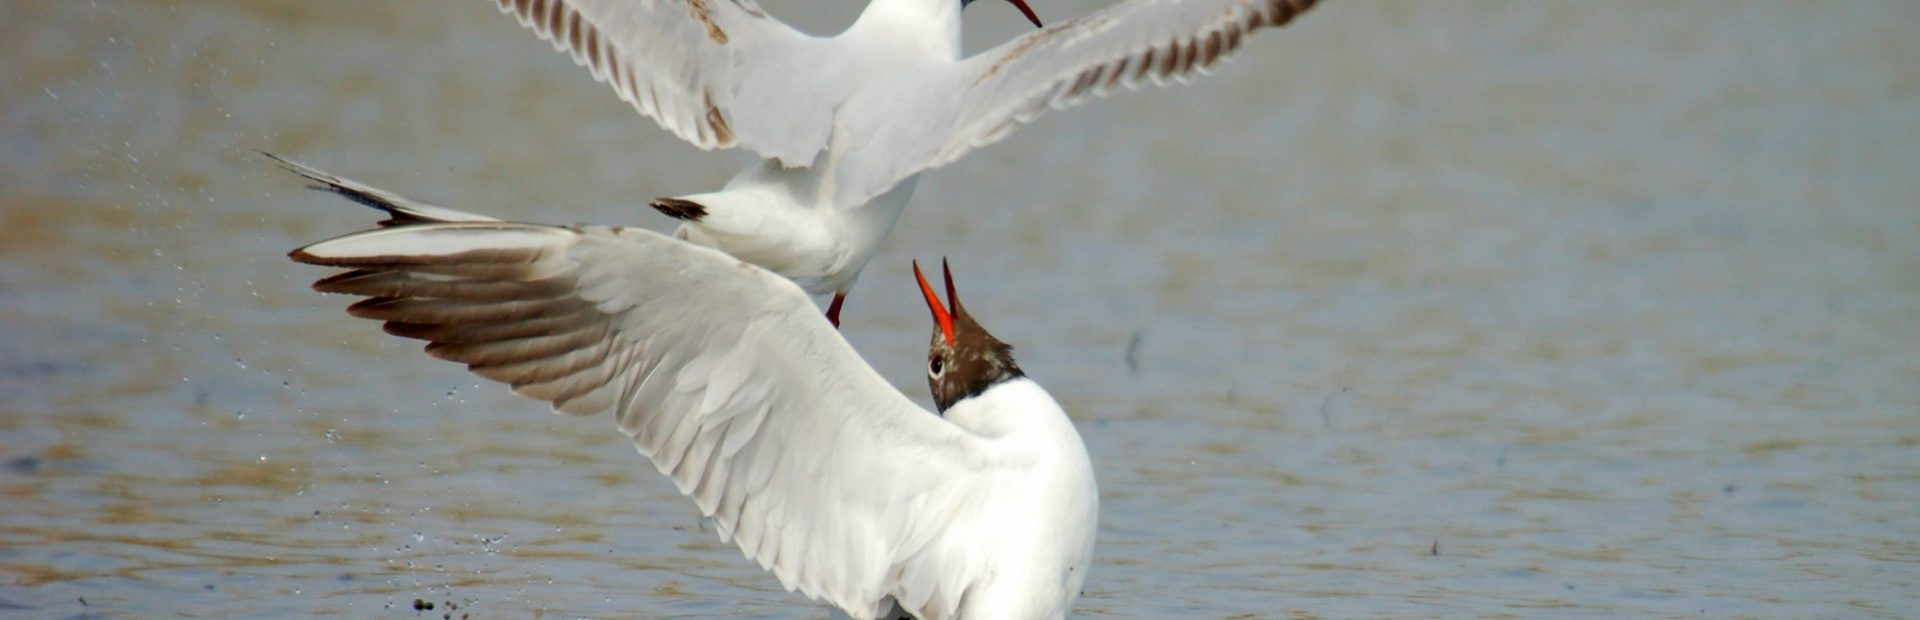 Ostoja Ujścia Wisły wraz z rezerwatami Ptasi Raj i Mewia Łacha (Birdwatching)